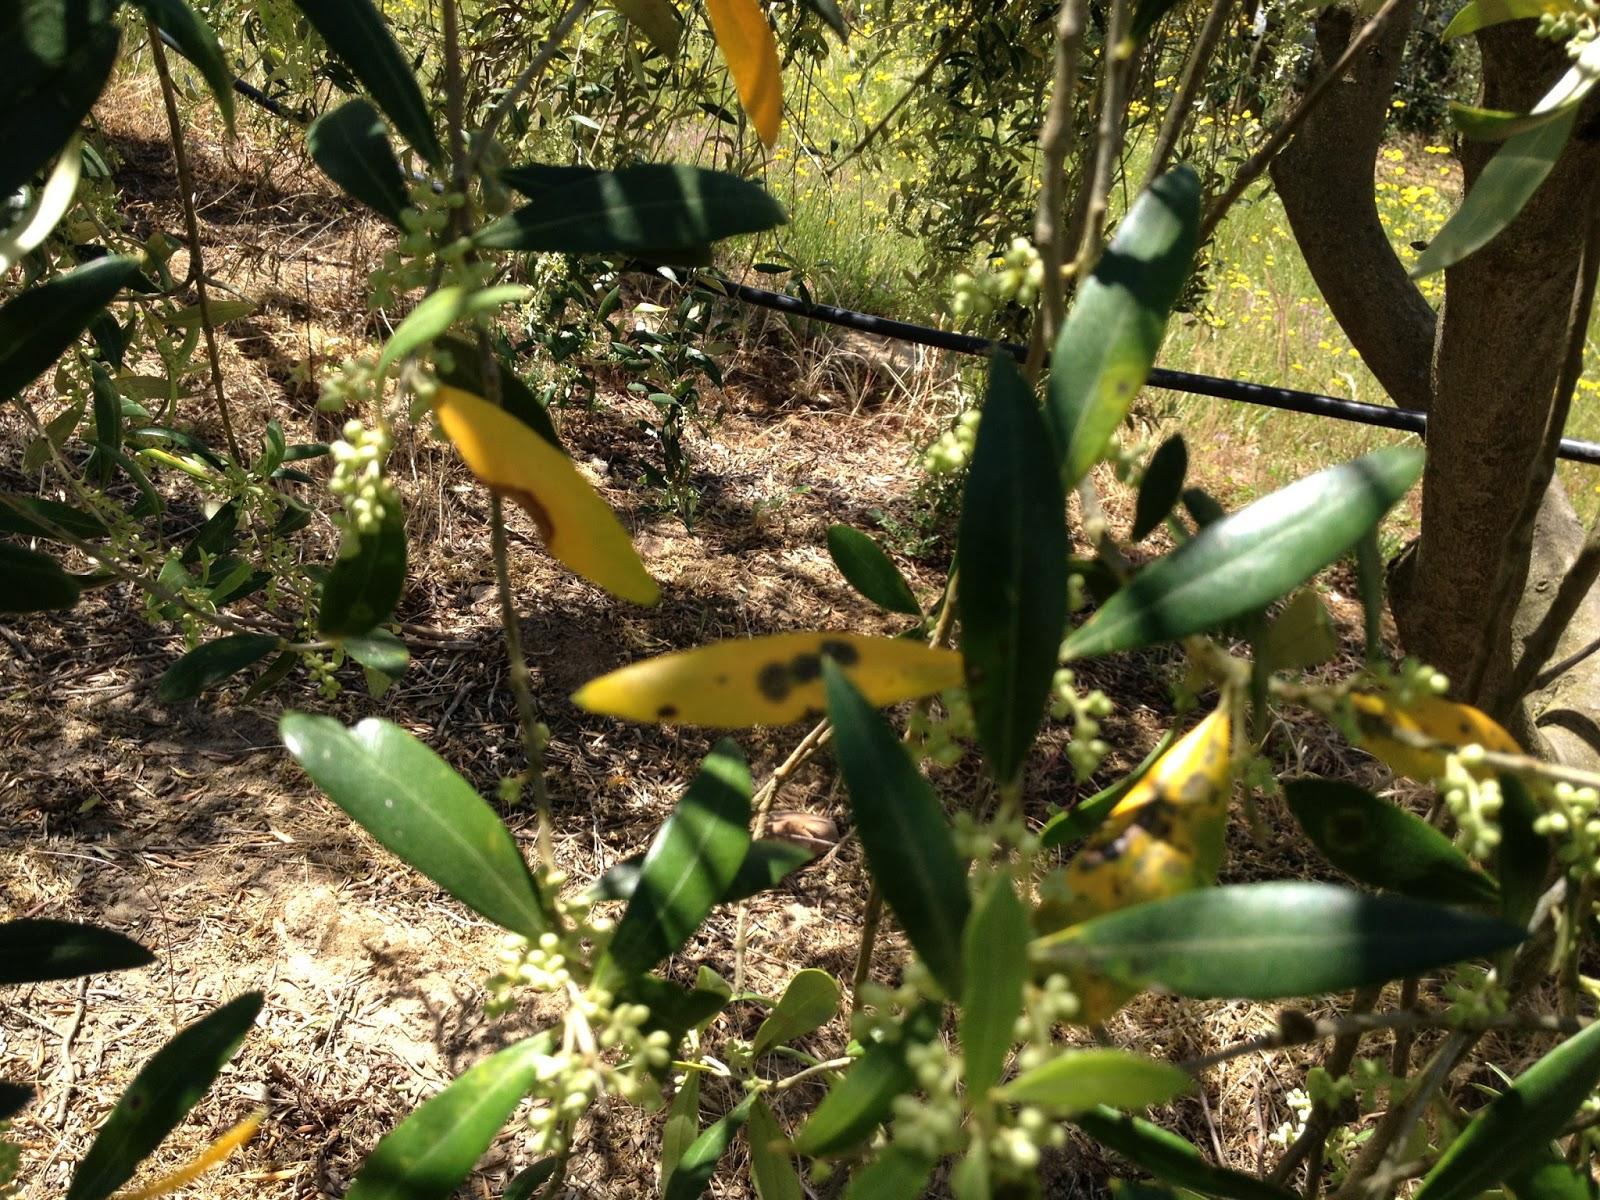 plastyagro el repilo en el olivo